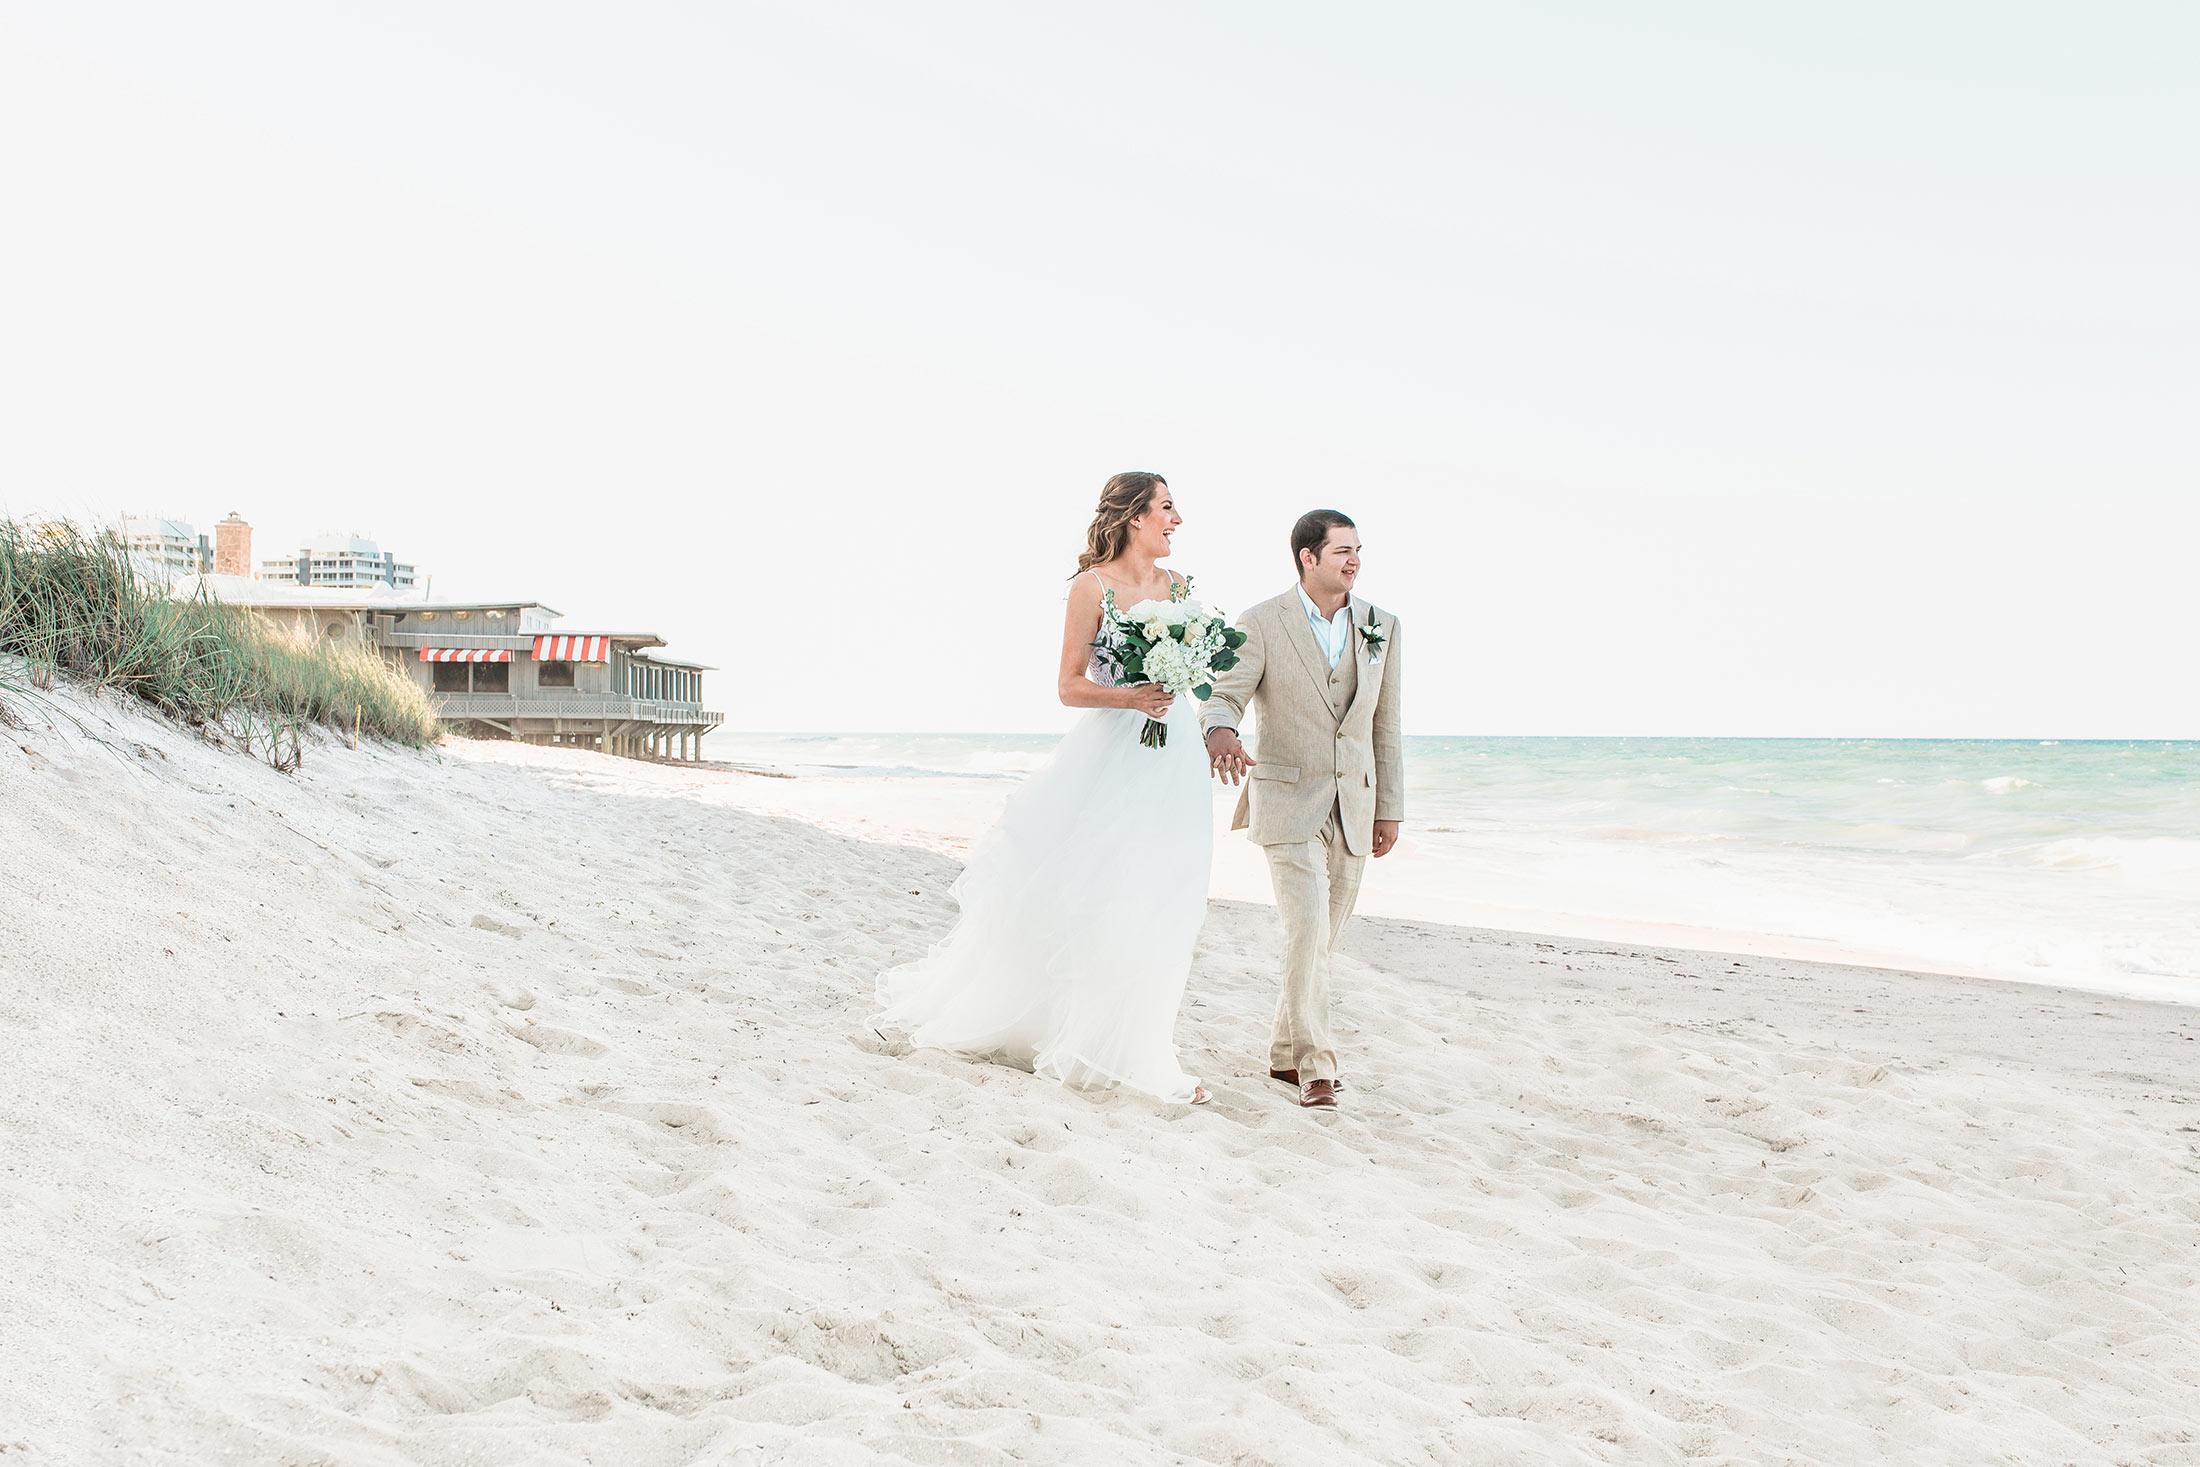 florida beach wedding tips